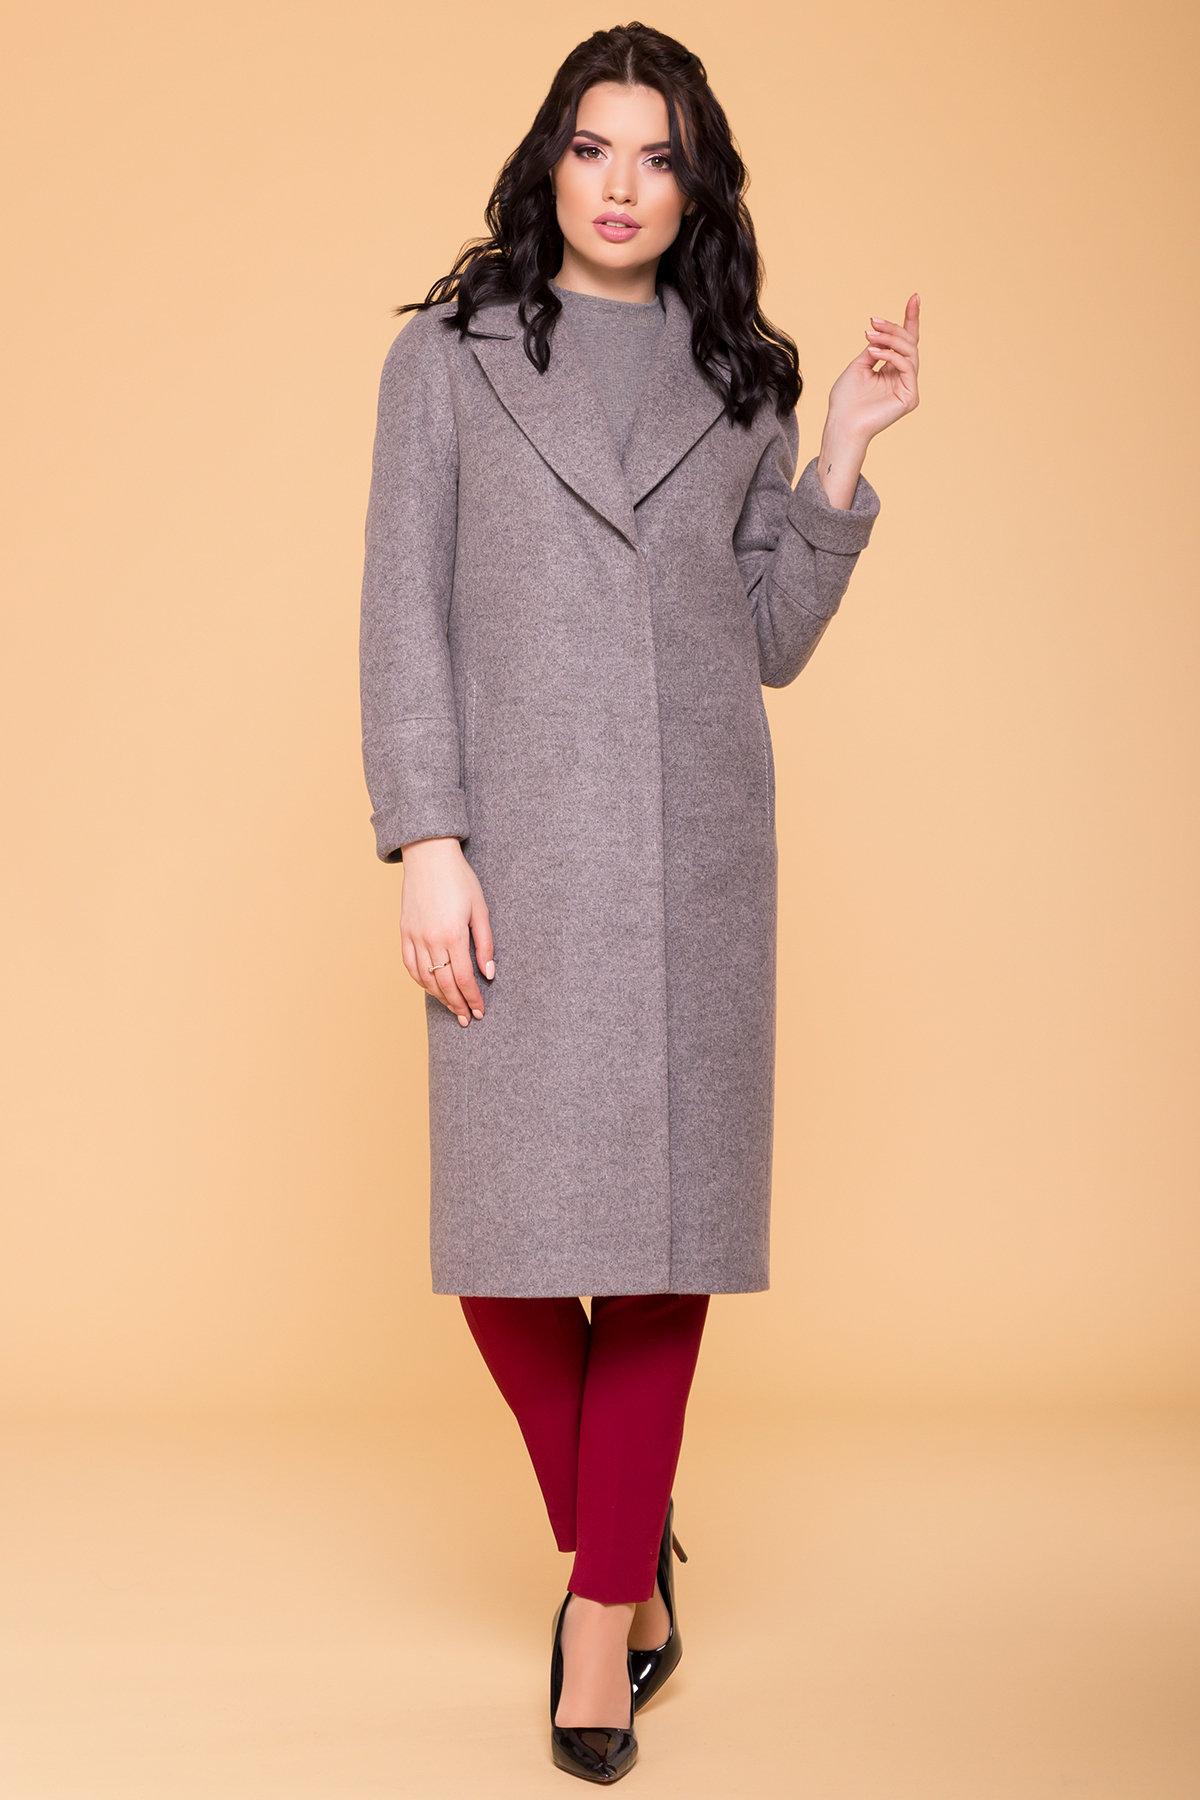 Пальто Верди 6205 АРТ. 41156 Цвет: Карамель 20/1 - фото 4, интернет магазин tm-modus.ru